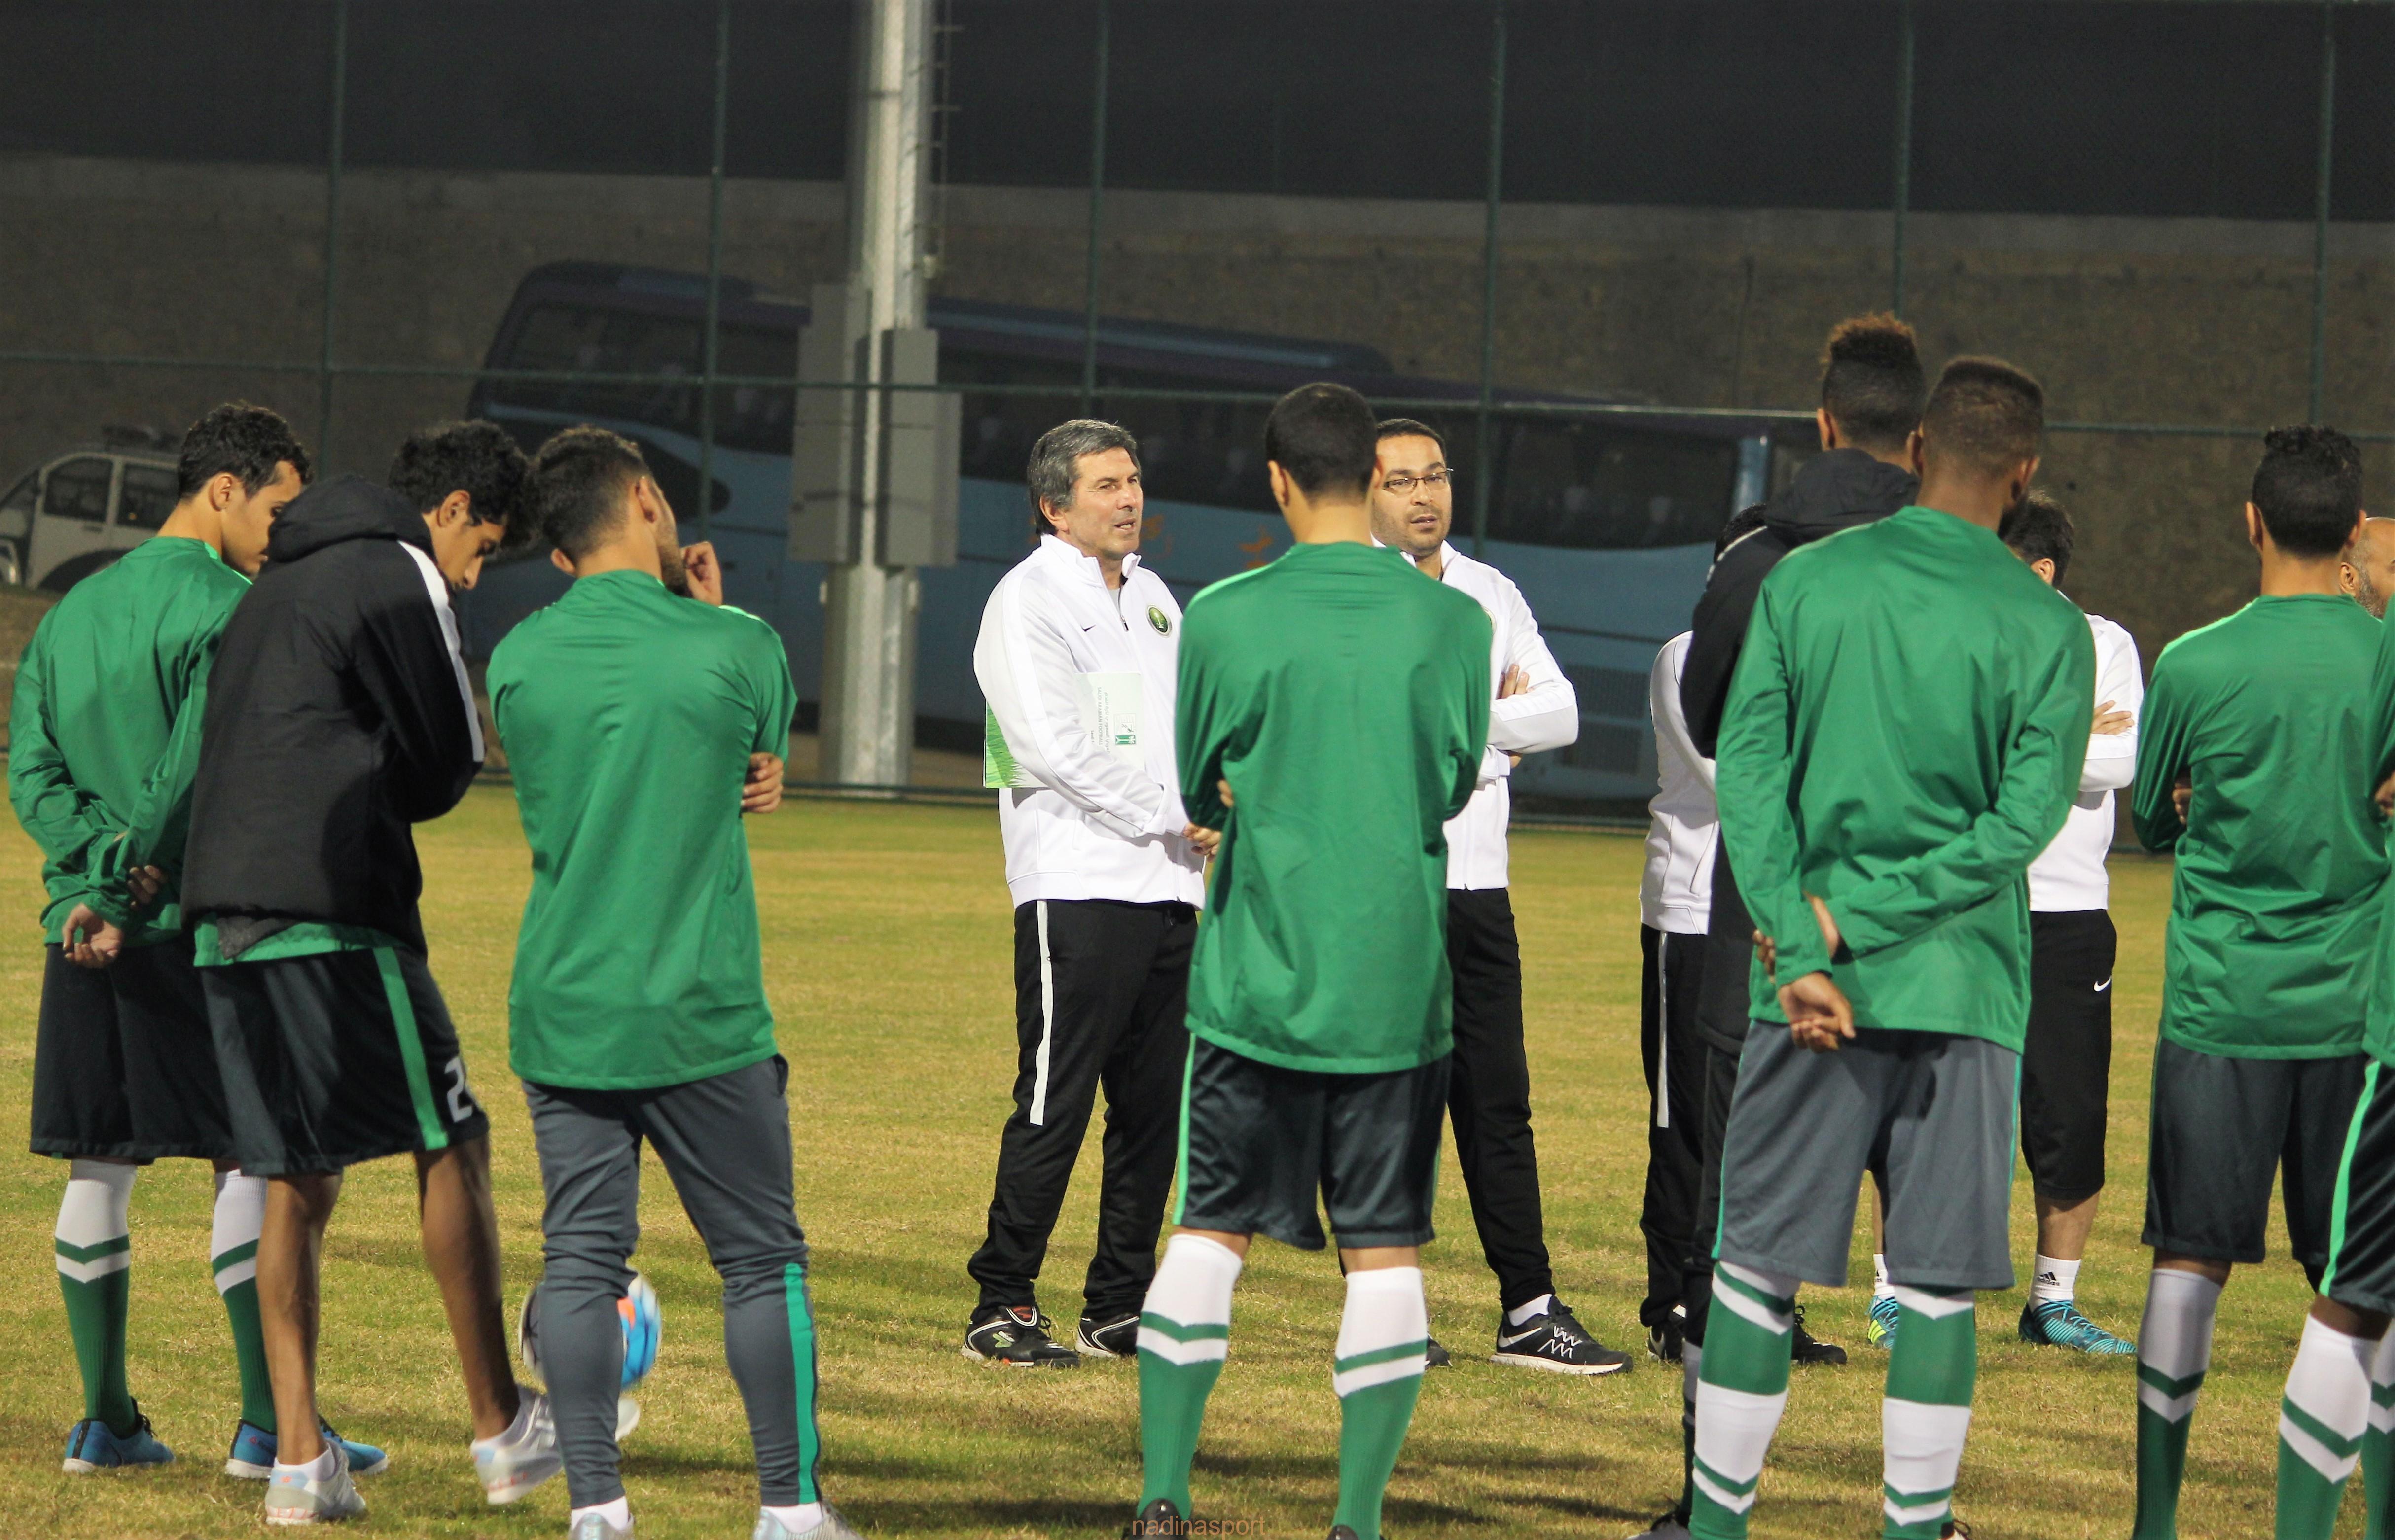 المنتخب الأولمبي يخوض غداً الجمعة لقاءه الثاني أمام المكسيك ضمن الدورة الدولية الودية بالصين